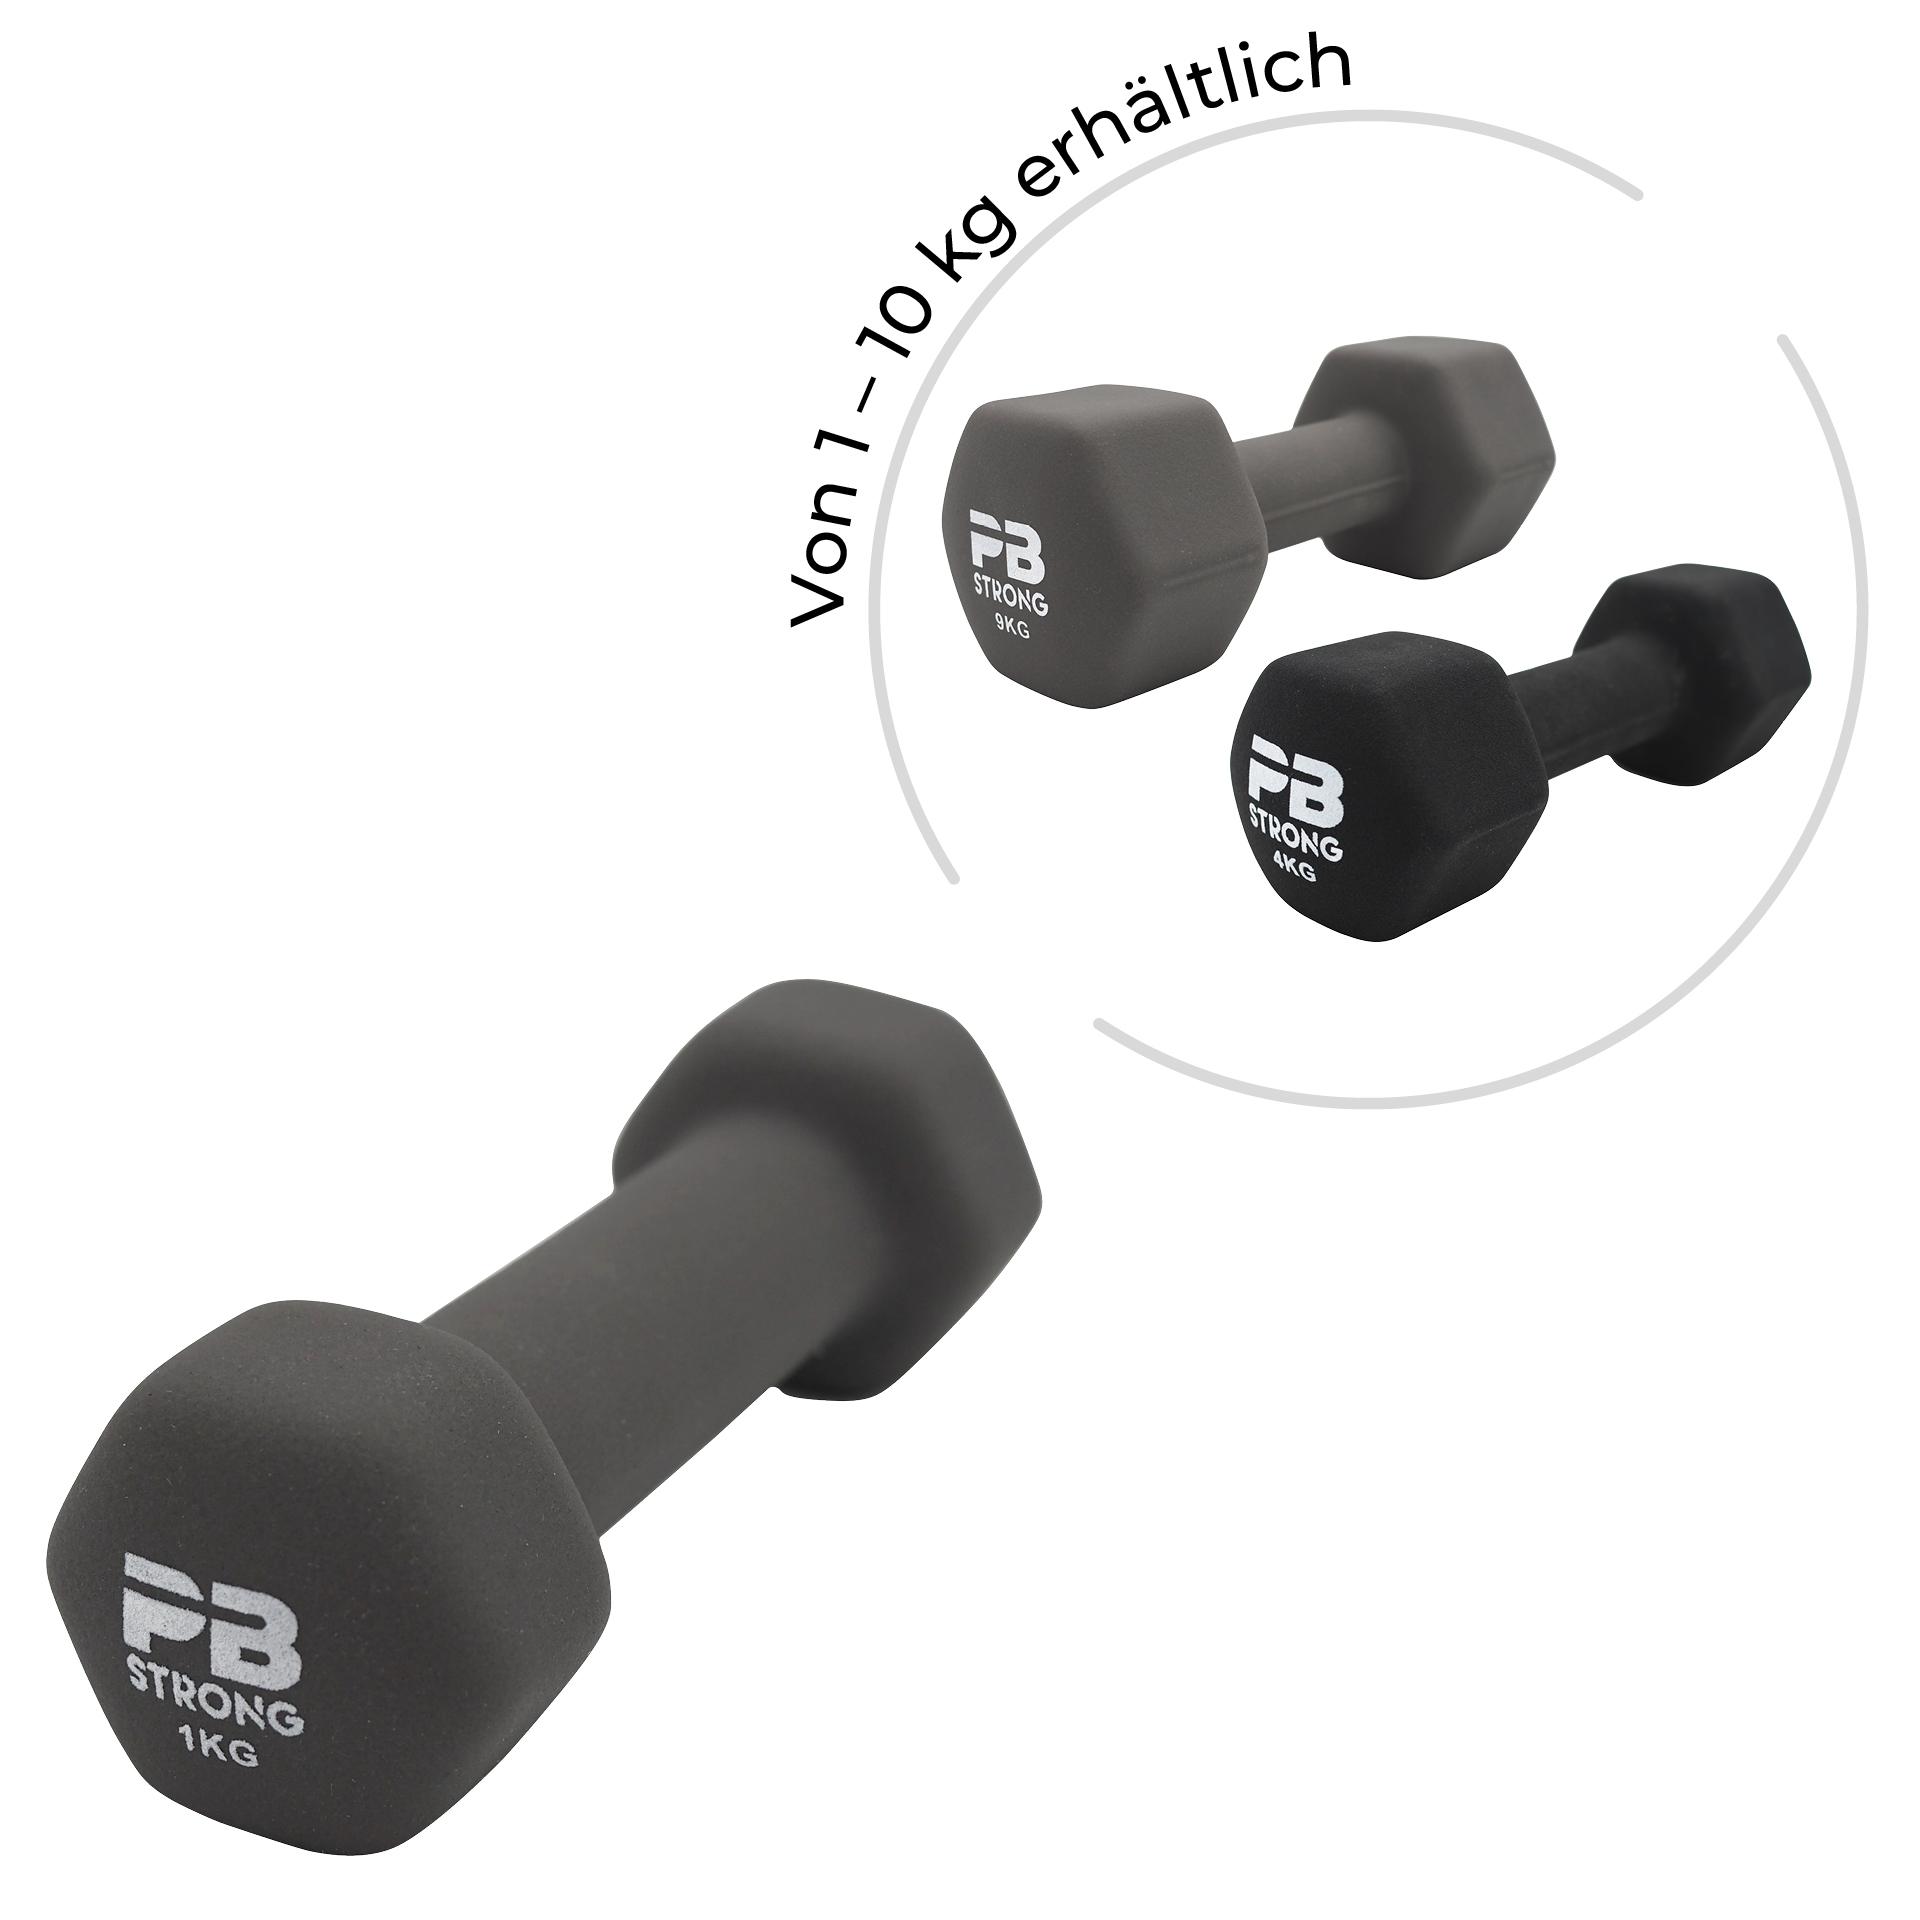 PB Strong Neopren Kurzhantel Grau (Stk) 1 kg